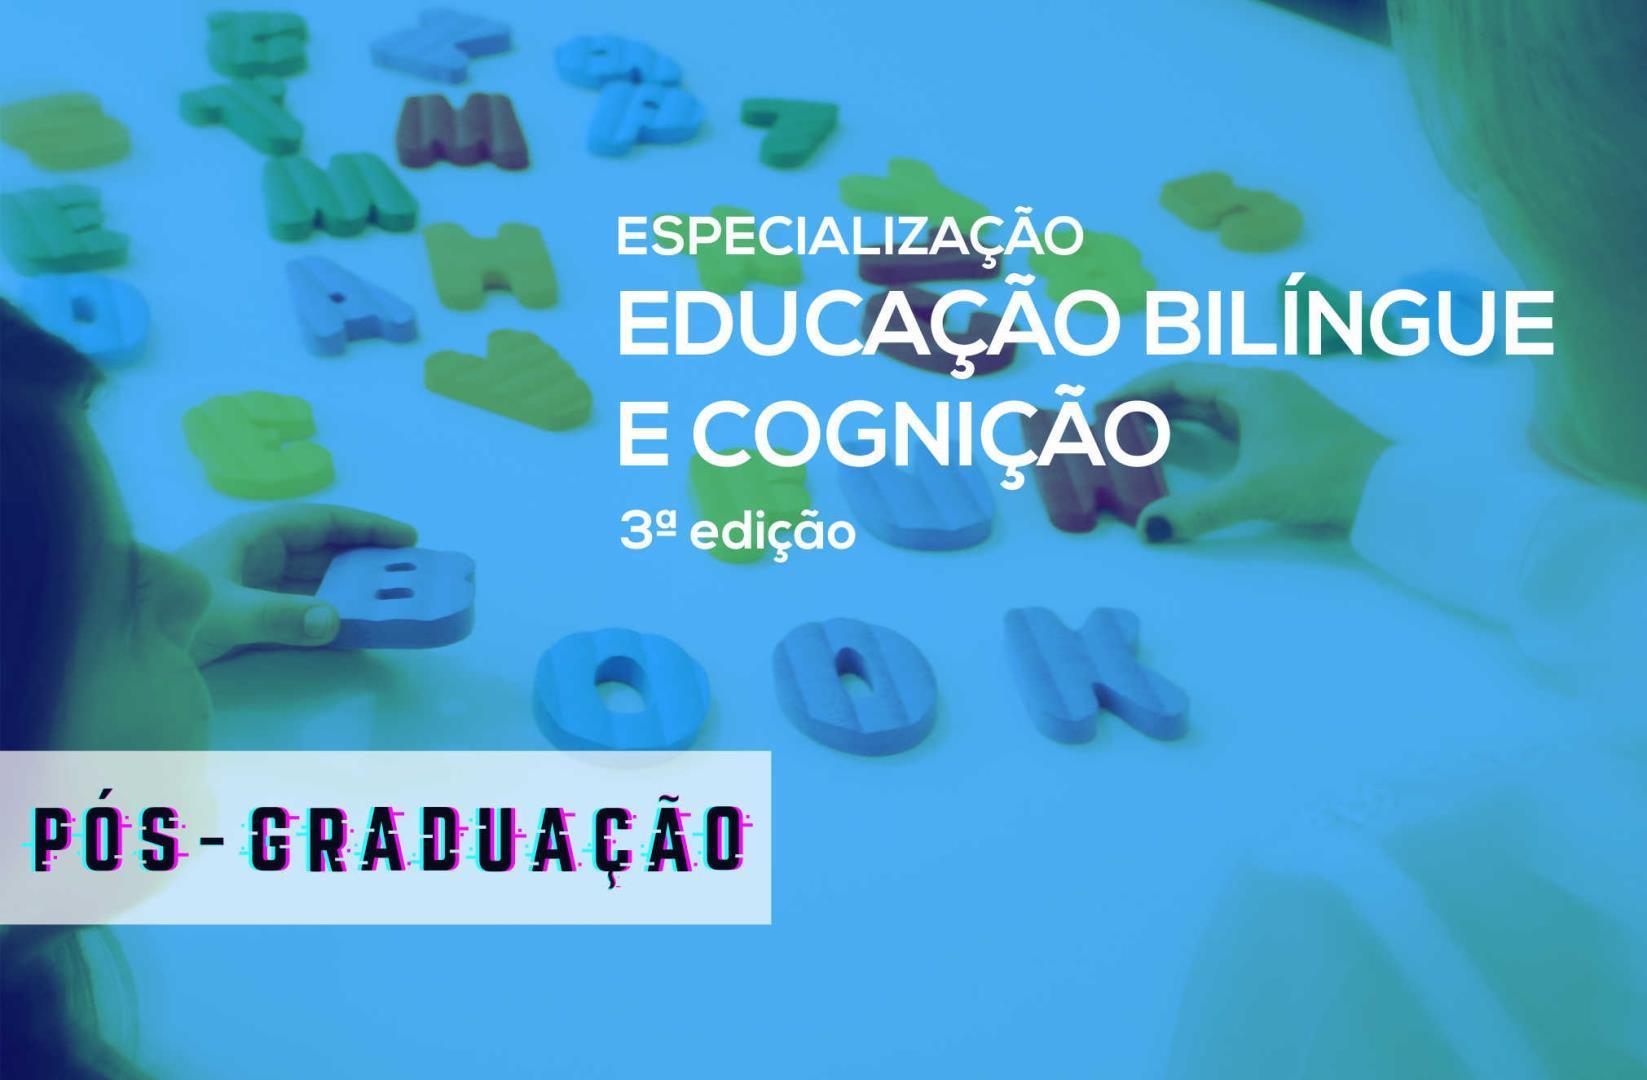 Especialização em Educação Bilíngue e Cognição - Novo Hamburgo - 3ª edição